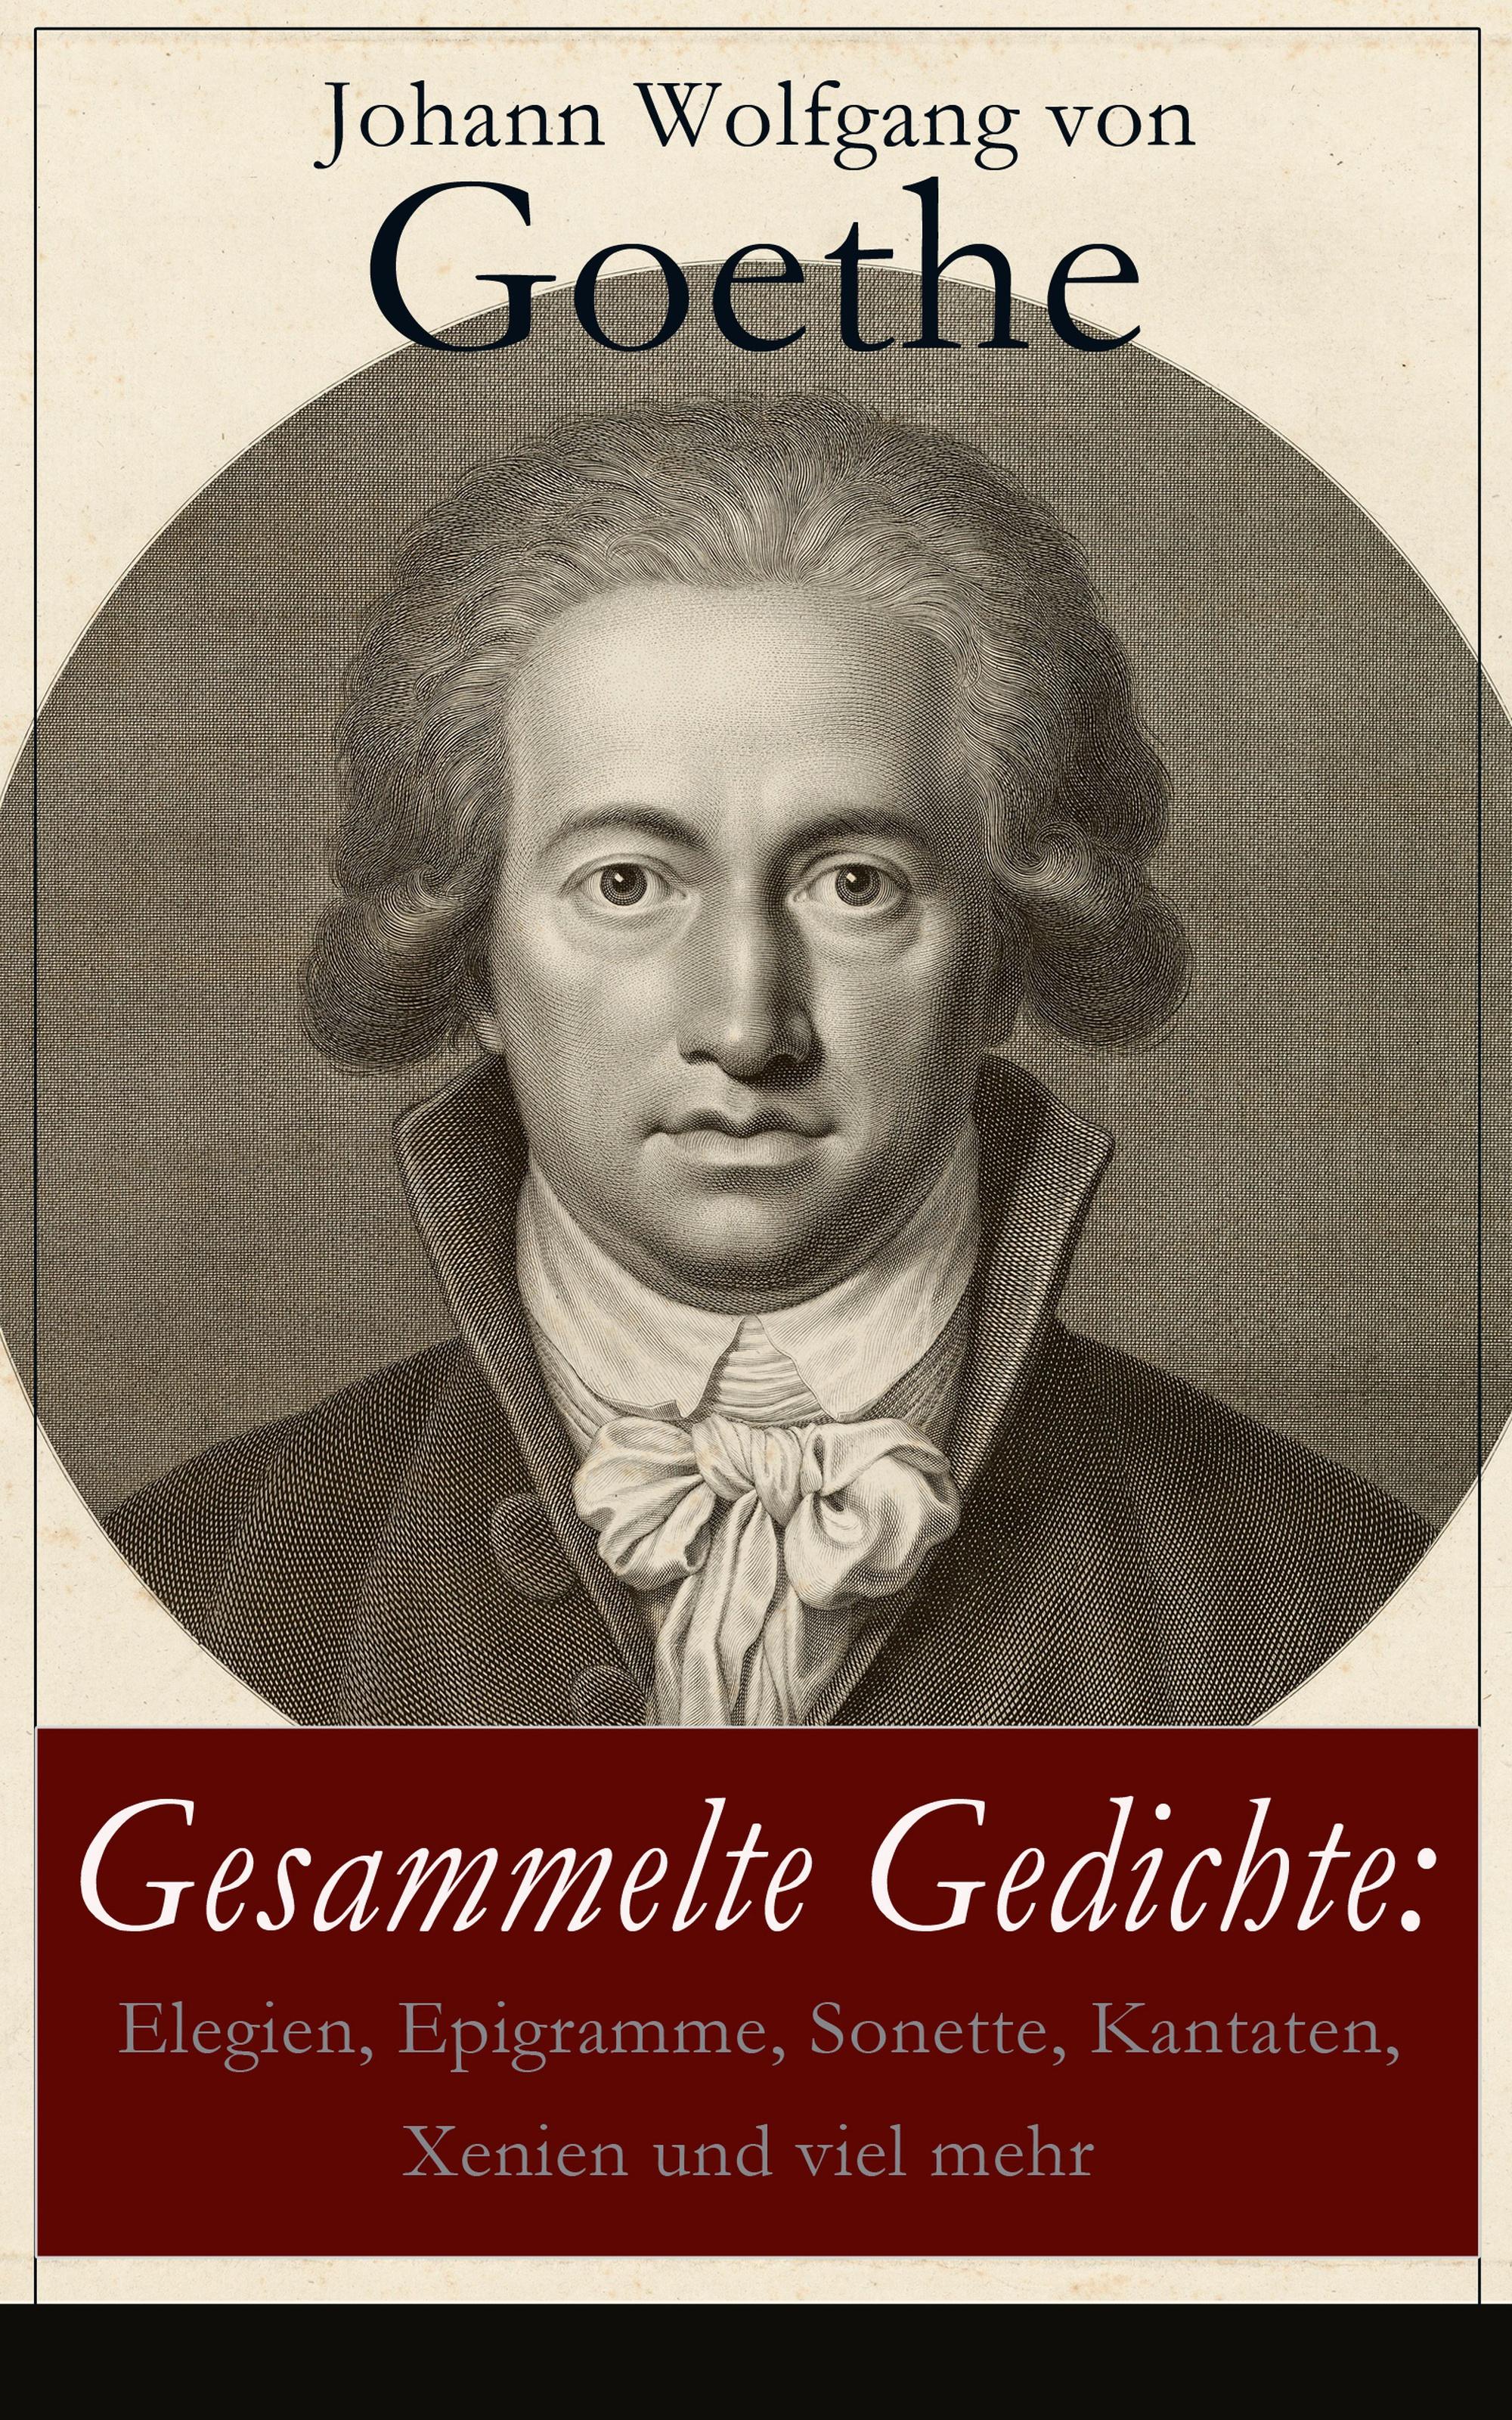 Johann Wolfgang von Goethe Gesammelte Gedichte: Elegien, Epigramme, Sonette, Kantaten, Xenien und viel mehr